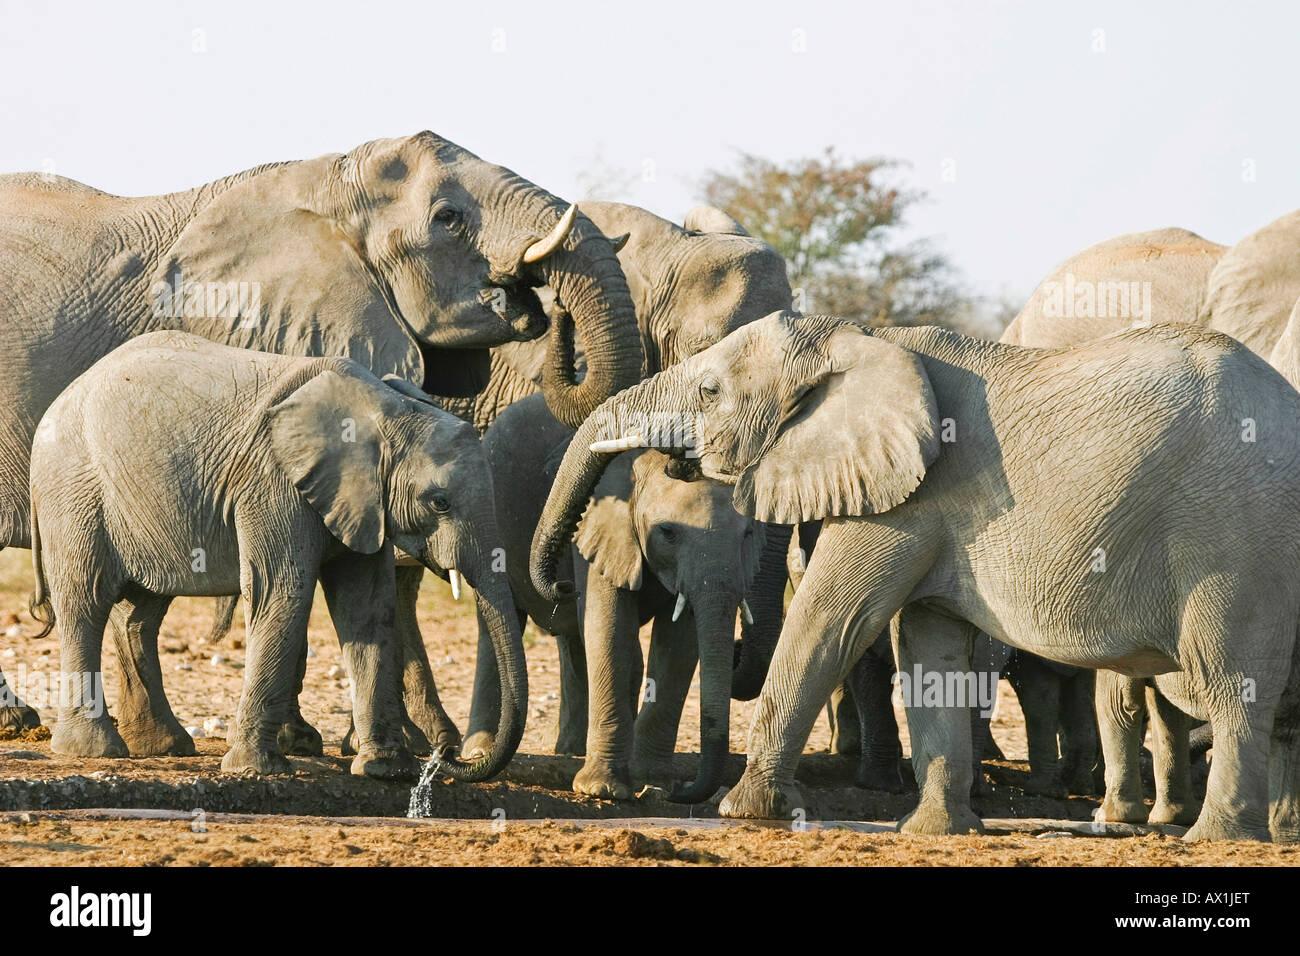 Elephant herd (Loxodonta africana) at waterhole, Etosha National Park, Namibia, Africa Stock Photo